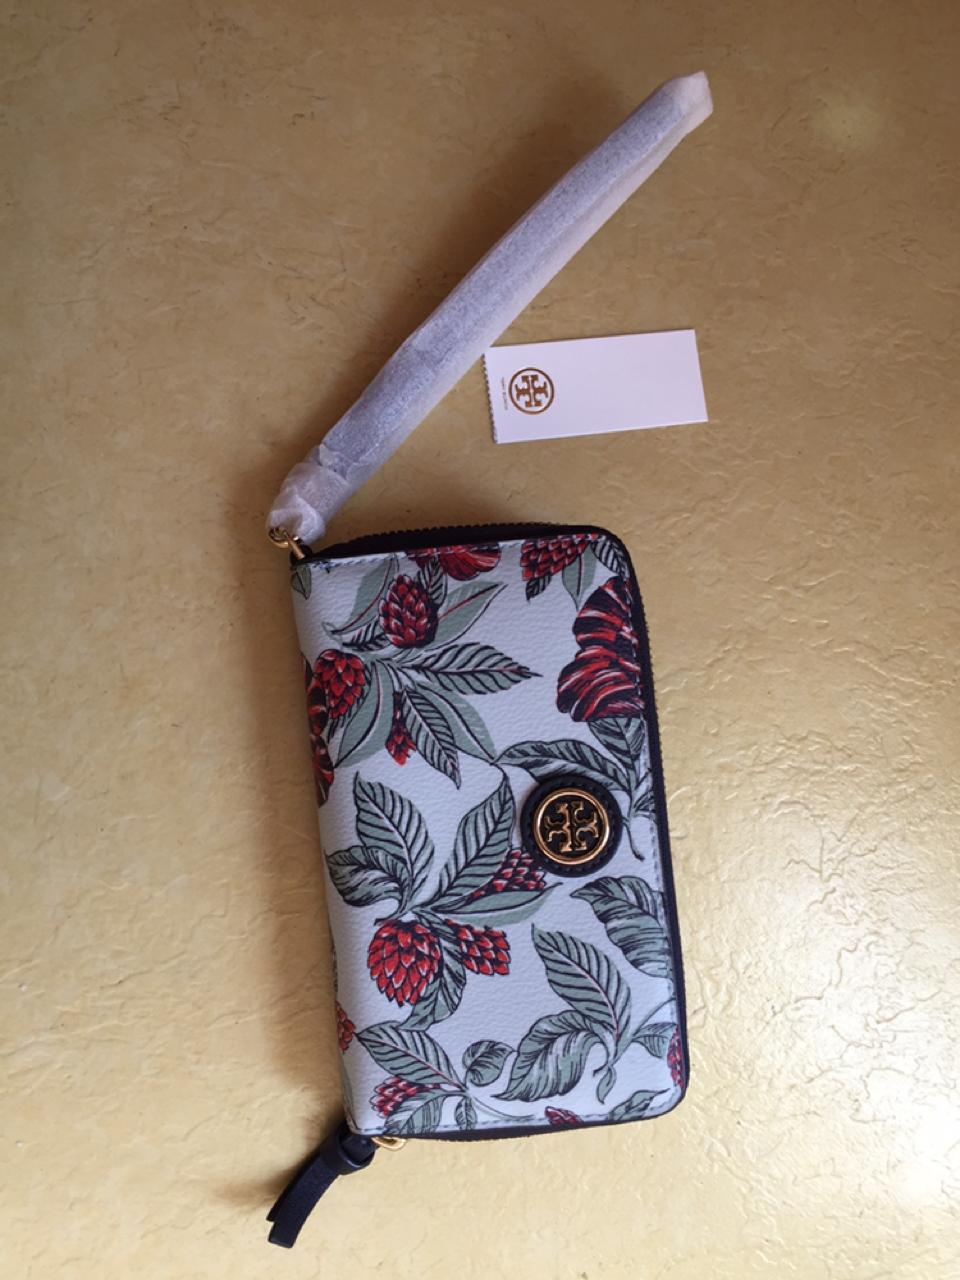 (새상품)토리버치 휴대폰 수납겸용 반지갑